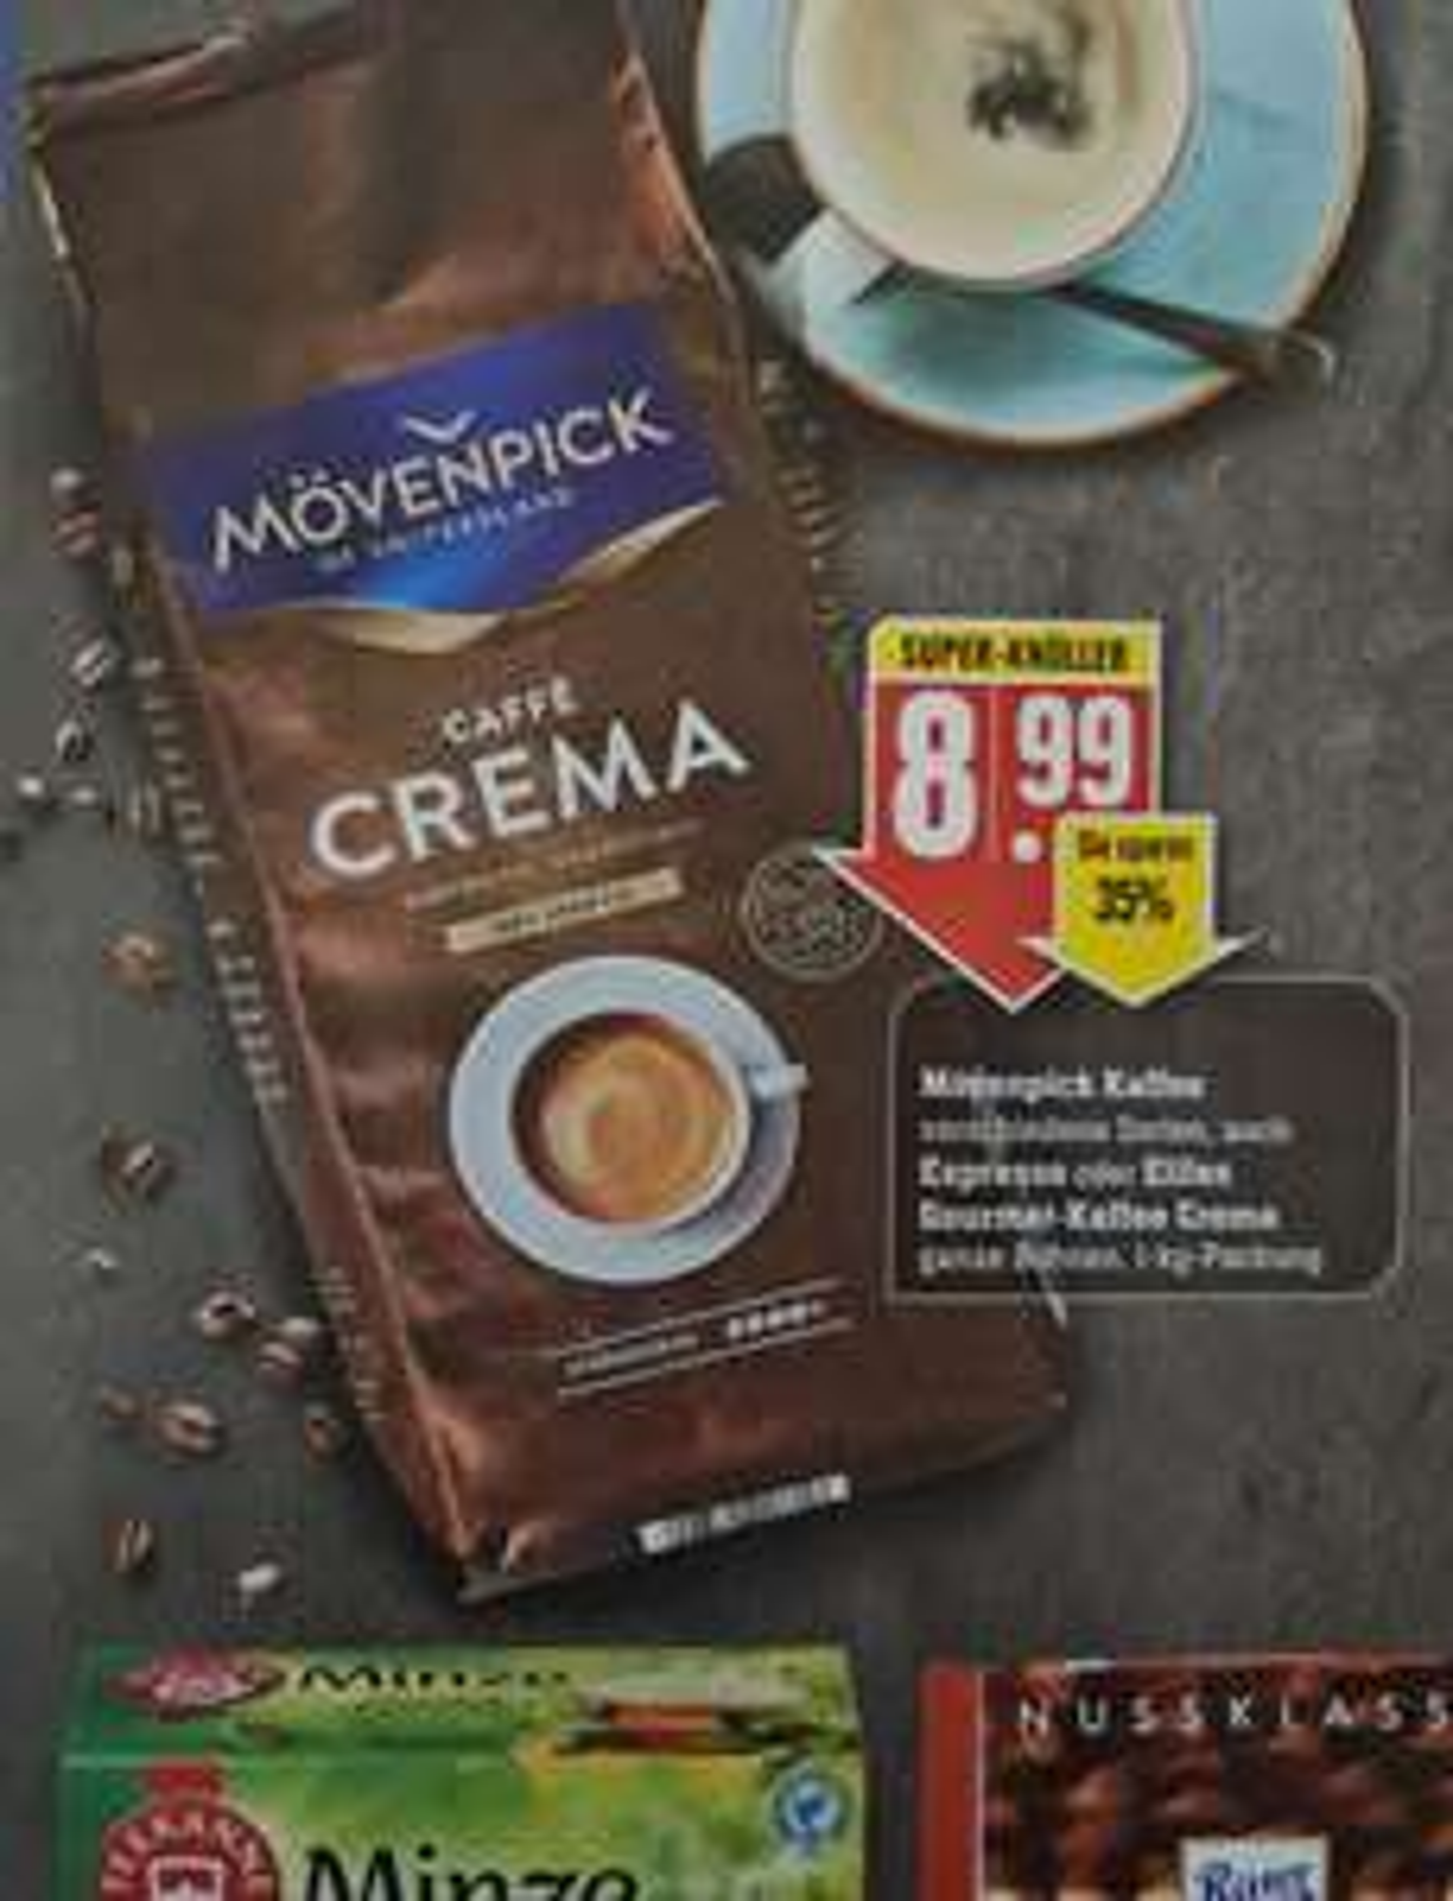 Mövenpick Caffè Crema Bohnen 1kg Packung im Edeka ab 25.01